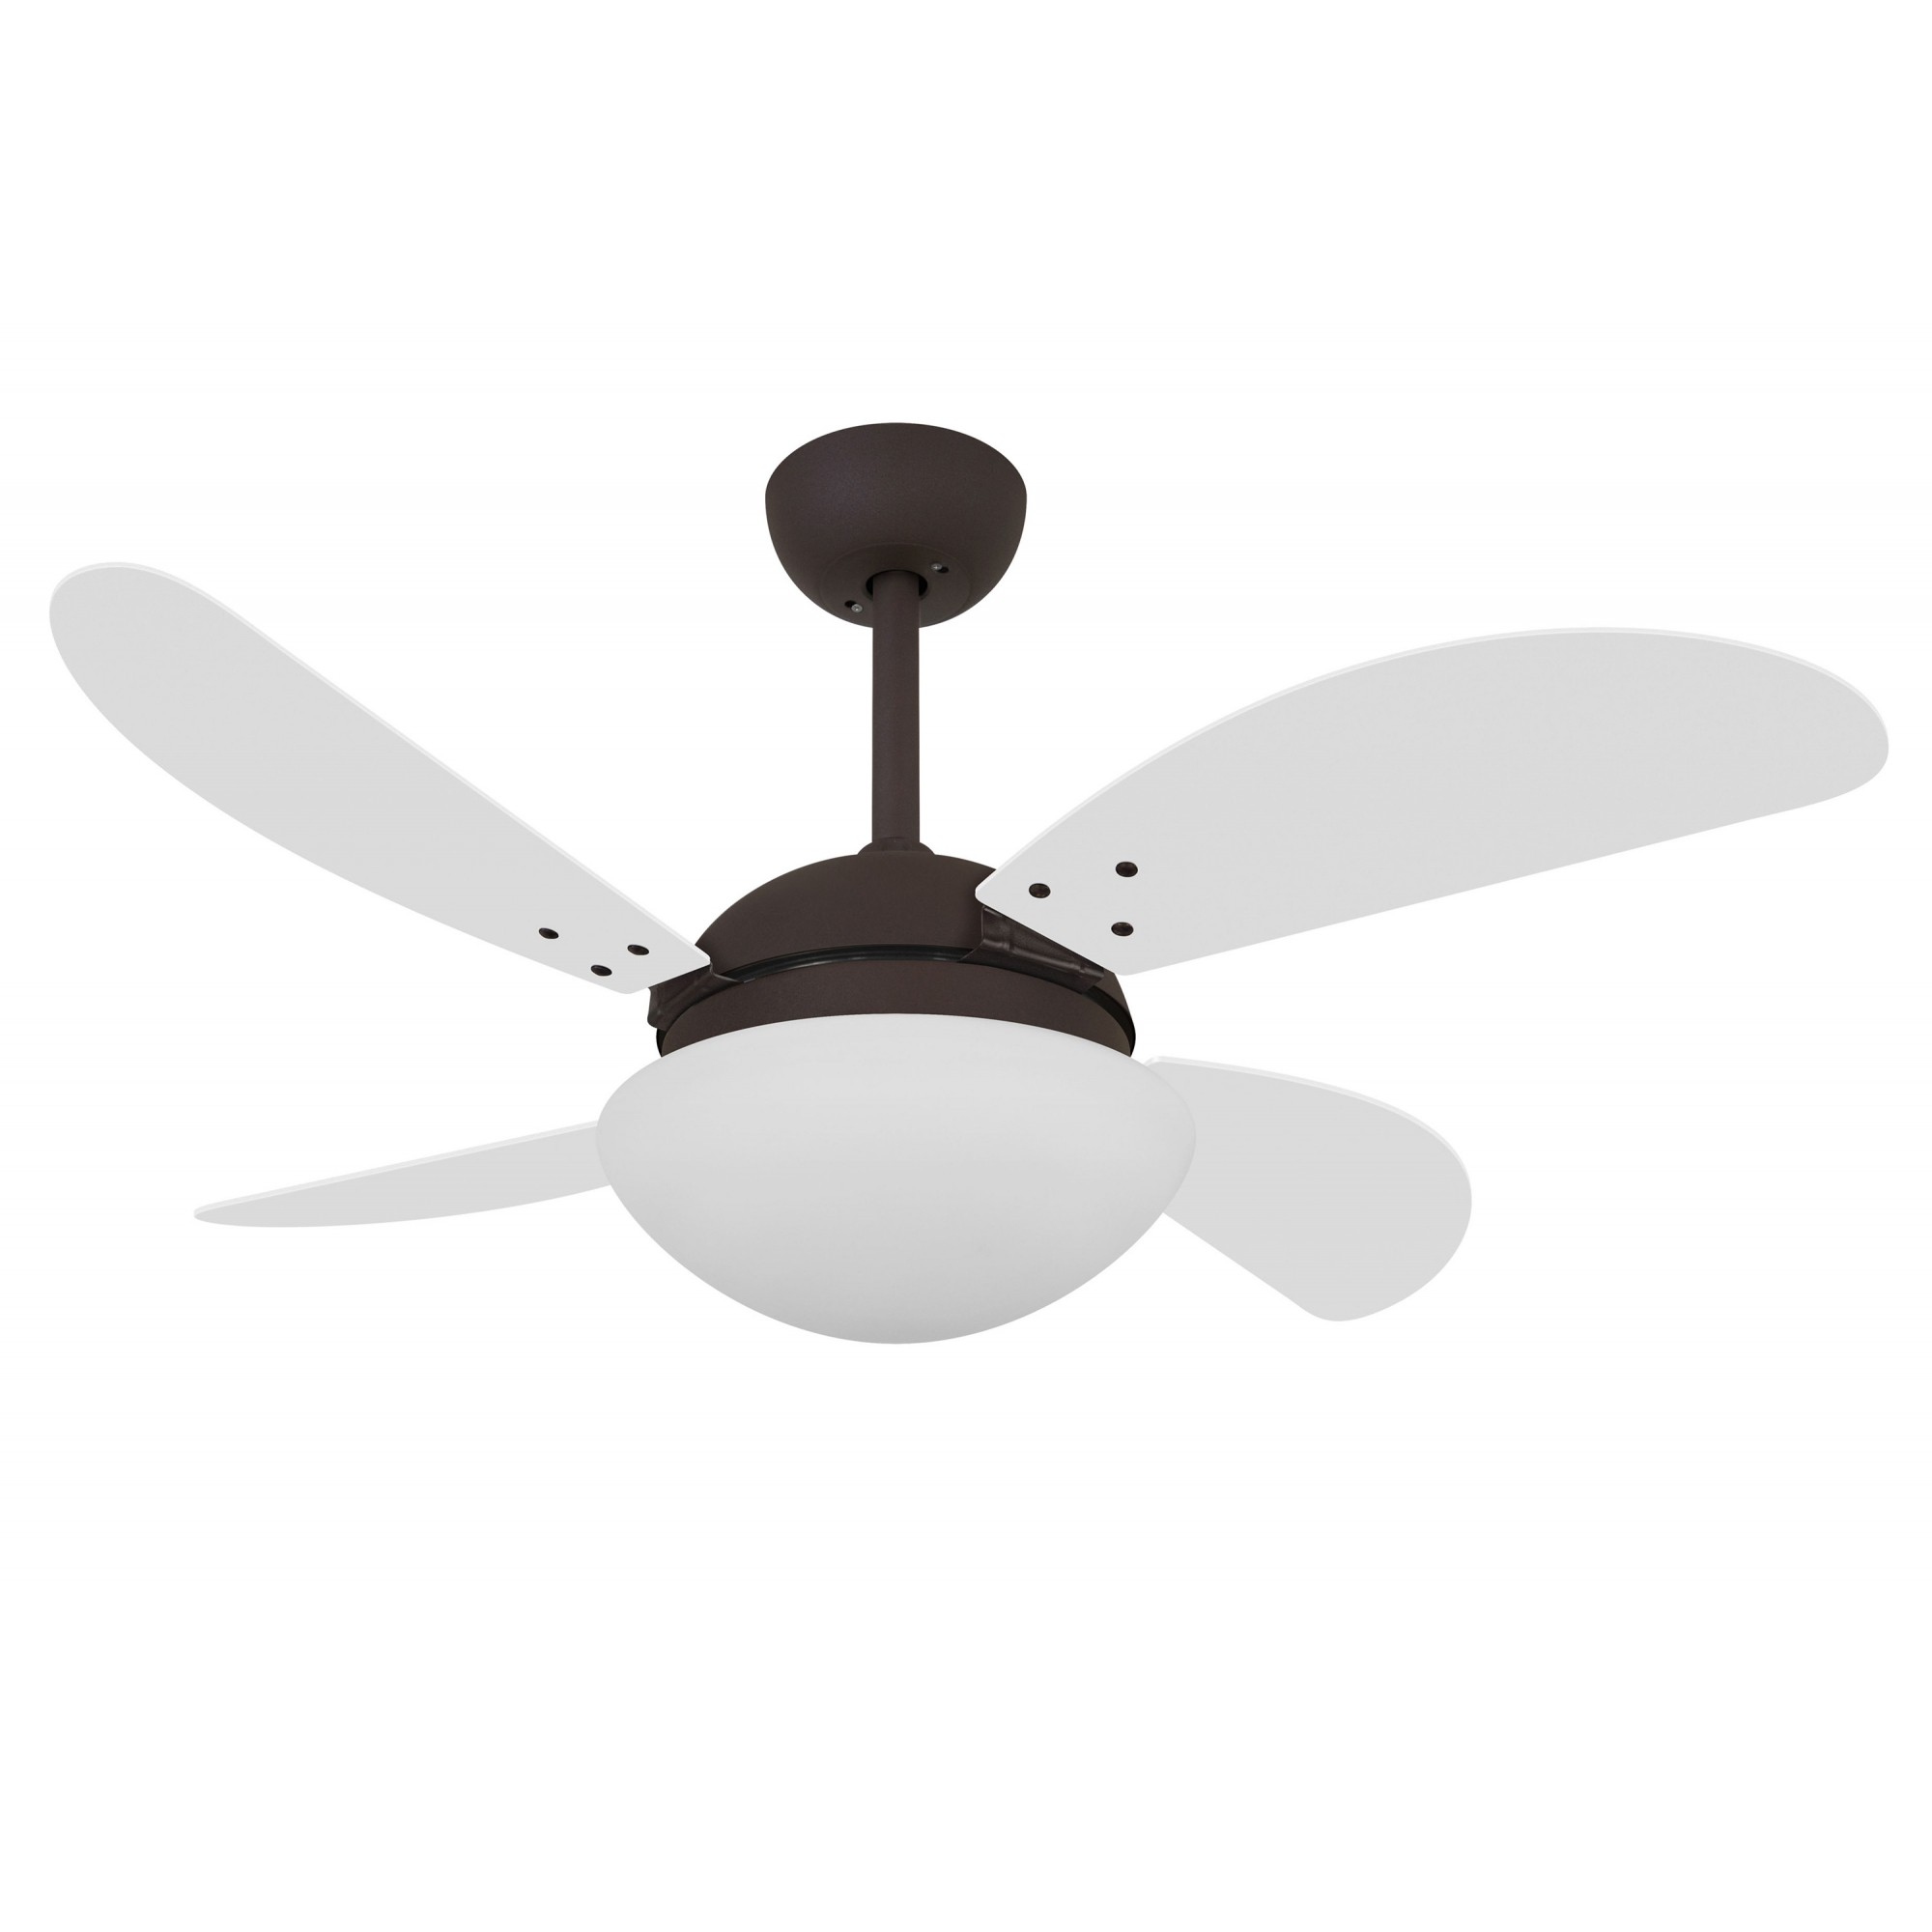 Ventilador de Teto VD42 Fly Marrom/Br 110V+Controle Remoto